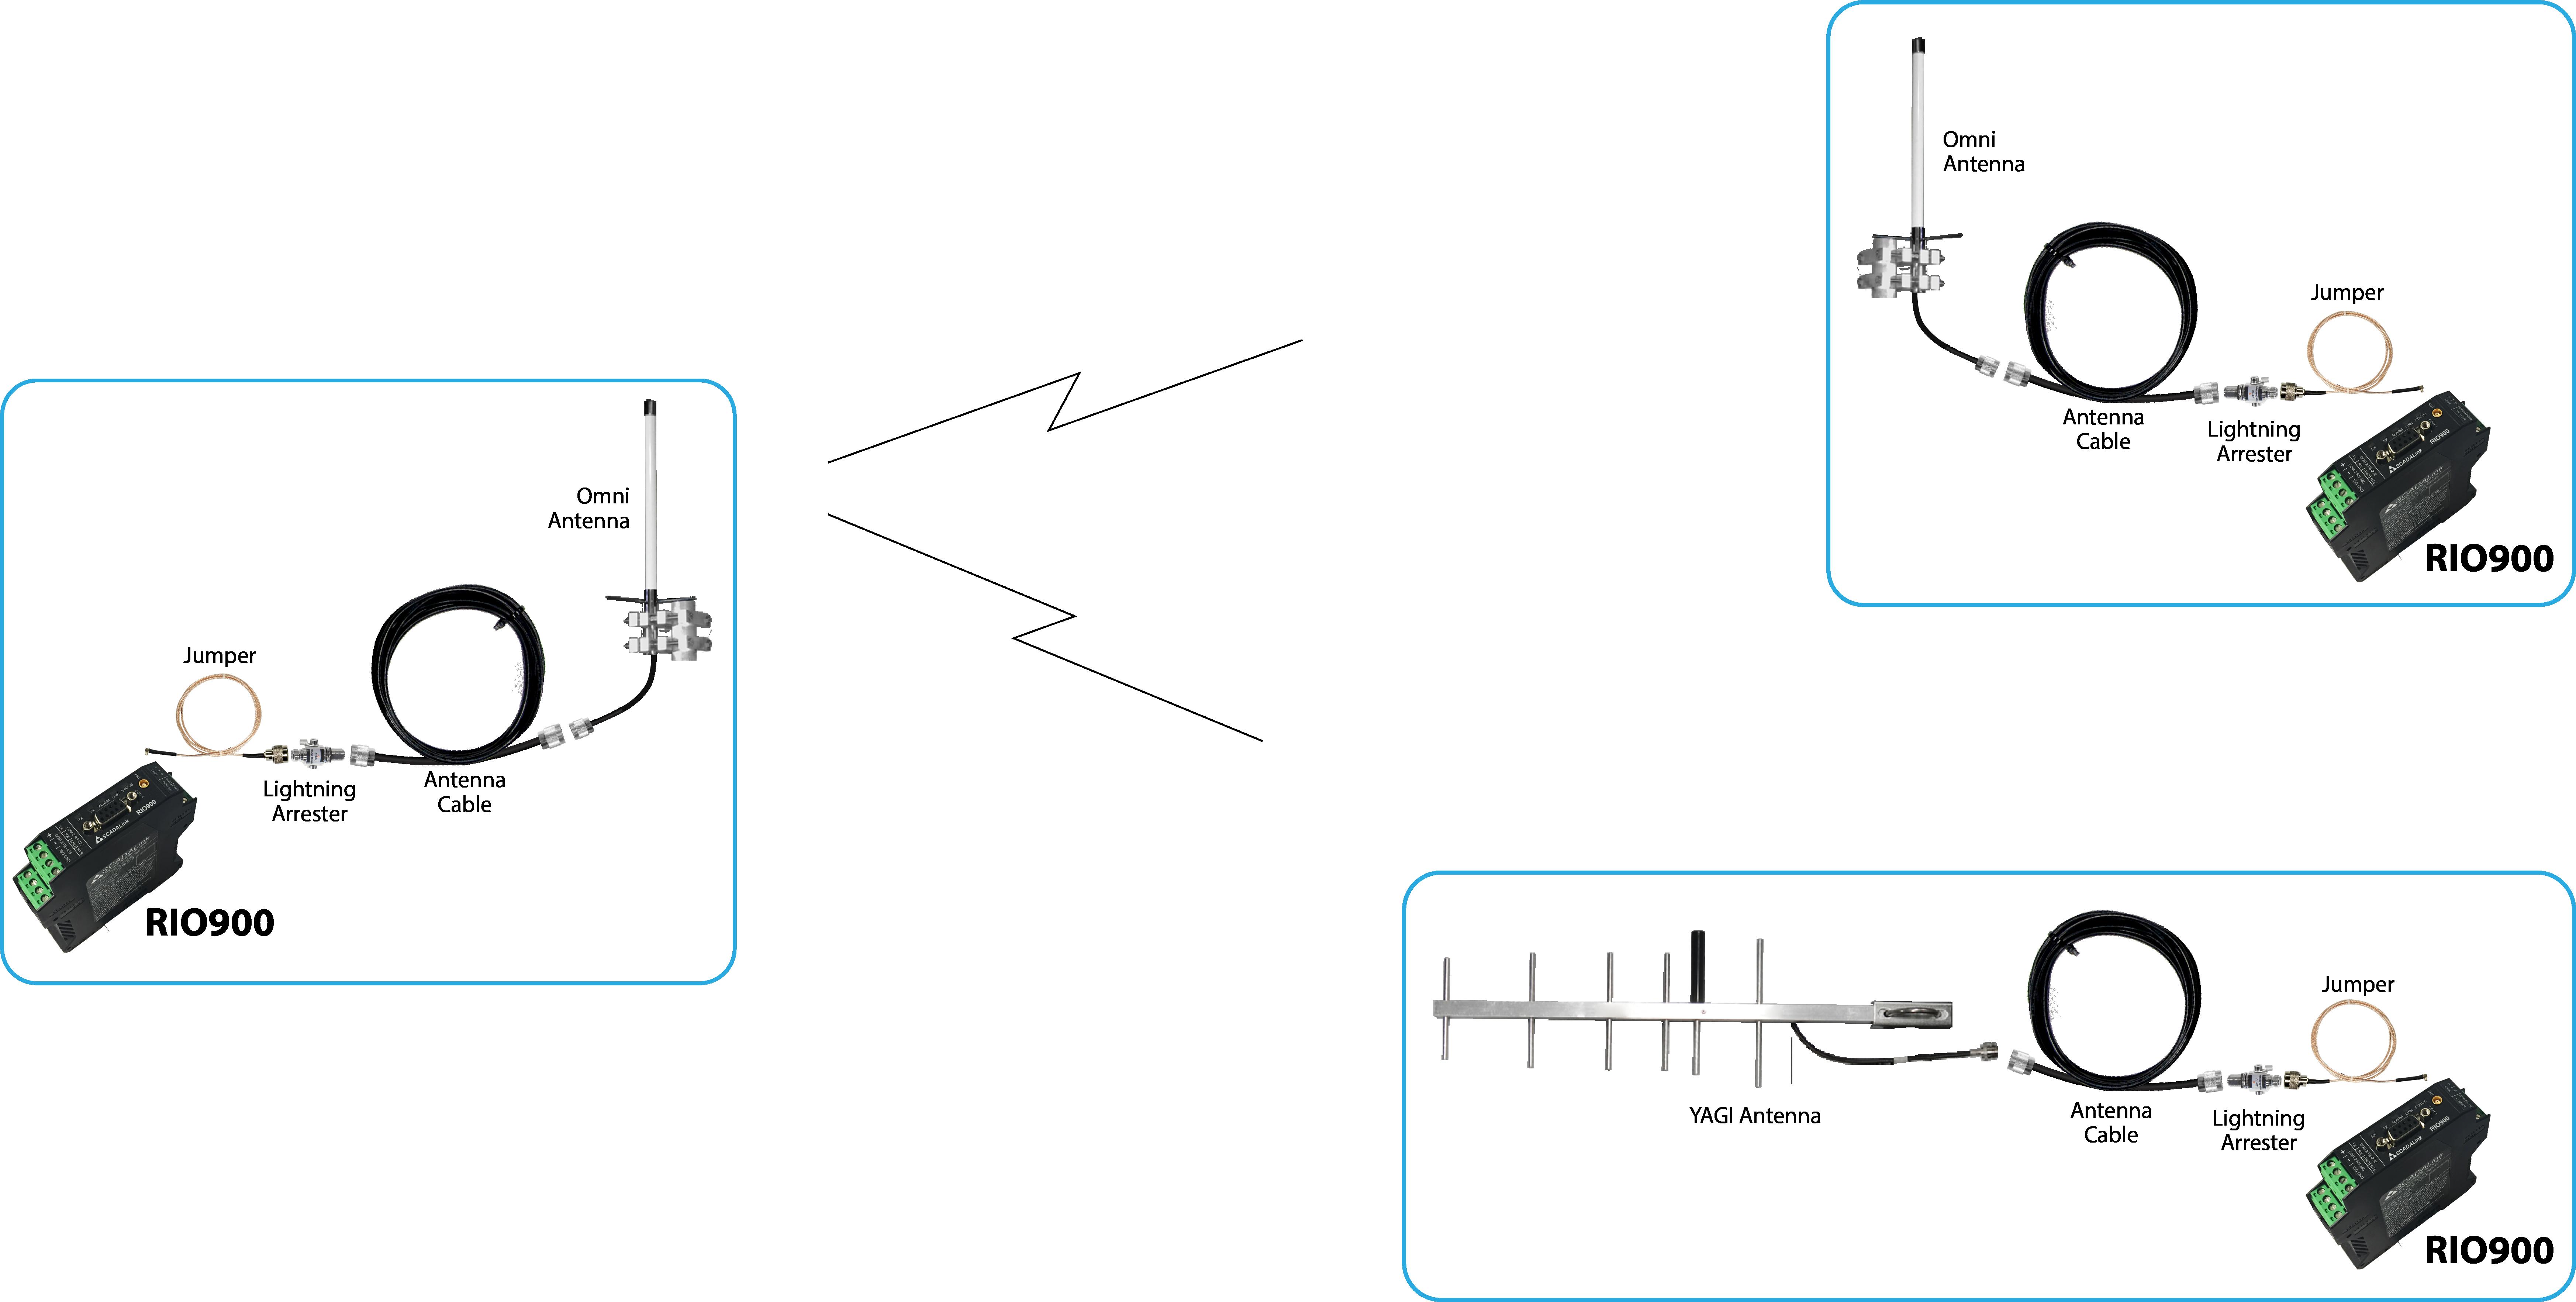 scadalink rio900 wireless i  o telemetry radio